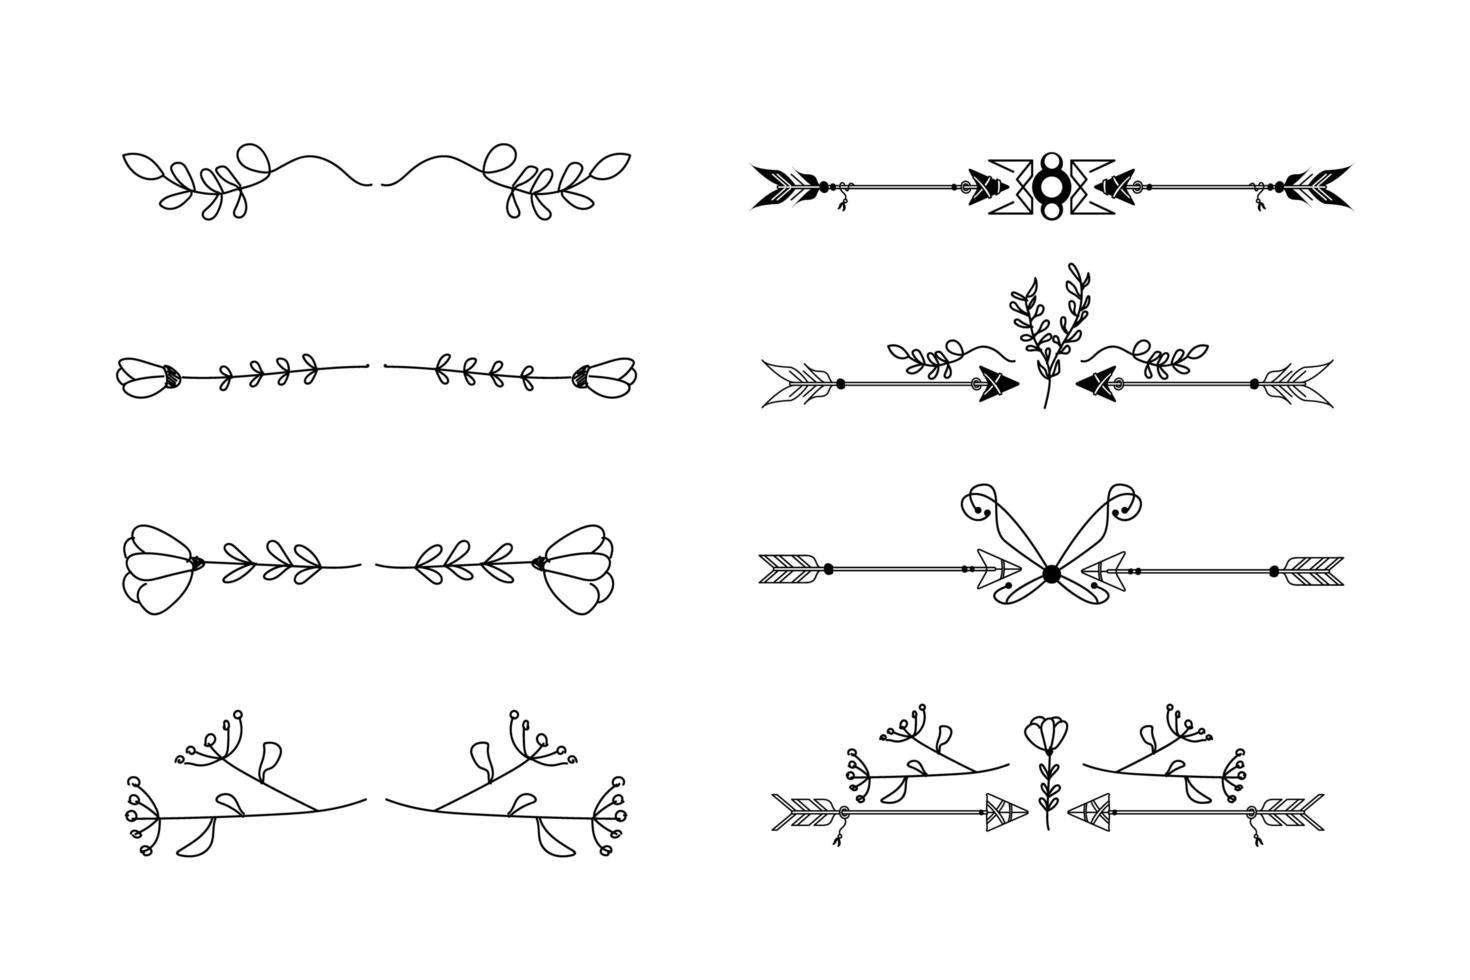 collezione di divisori ornamento disegnato a mano vettore